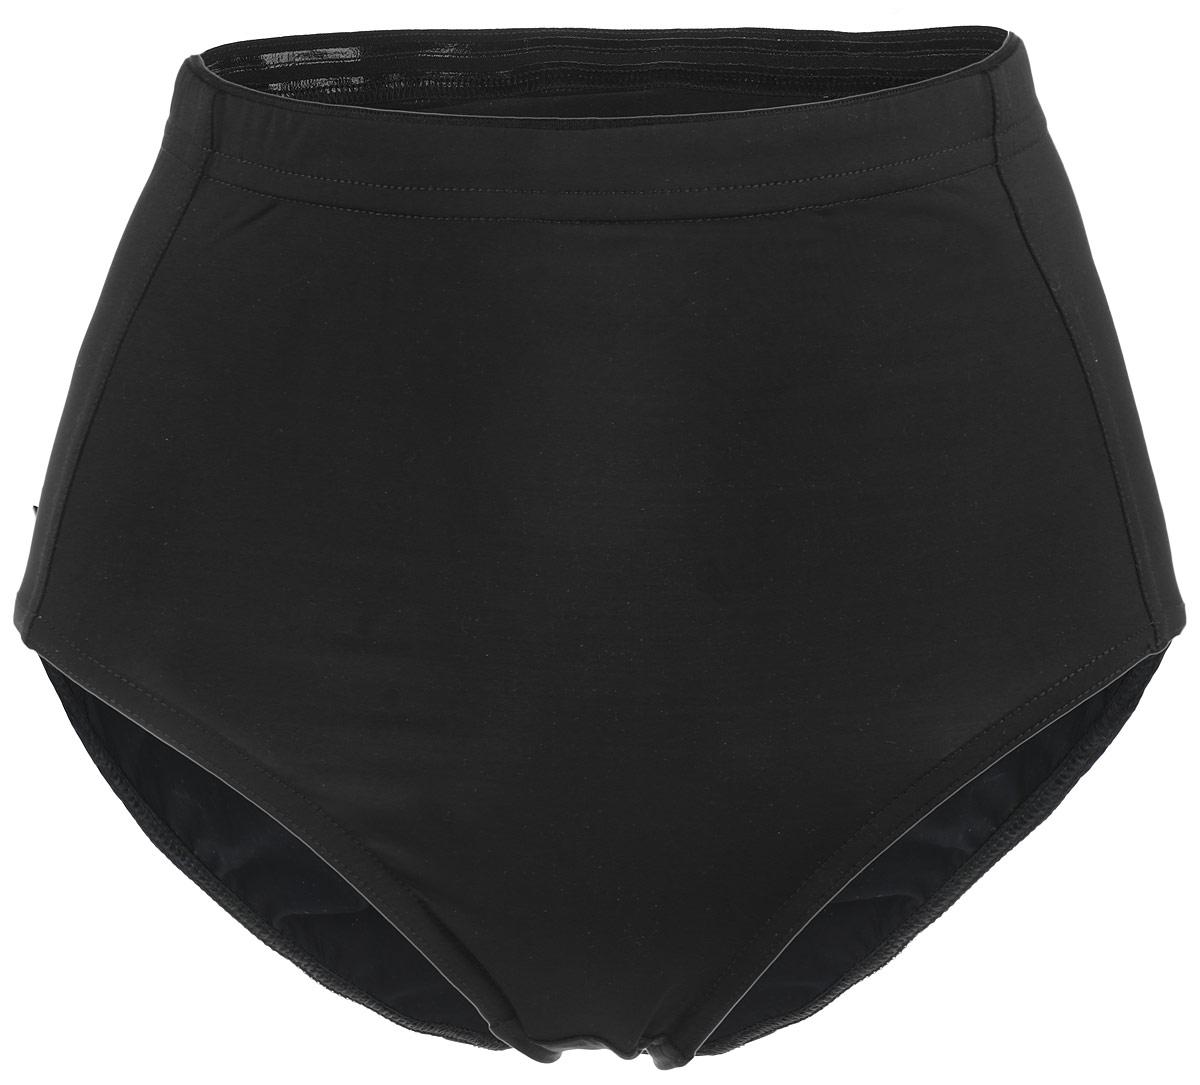 Купить Трусы-макси женские Smart Textile Body Perfection Коррекция тела, цвет: черный. BC01-1. Размер M/L (46/48)